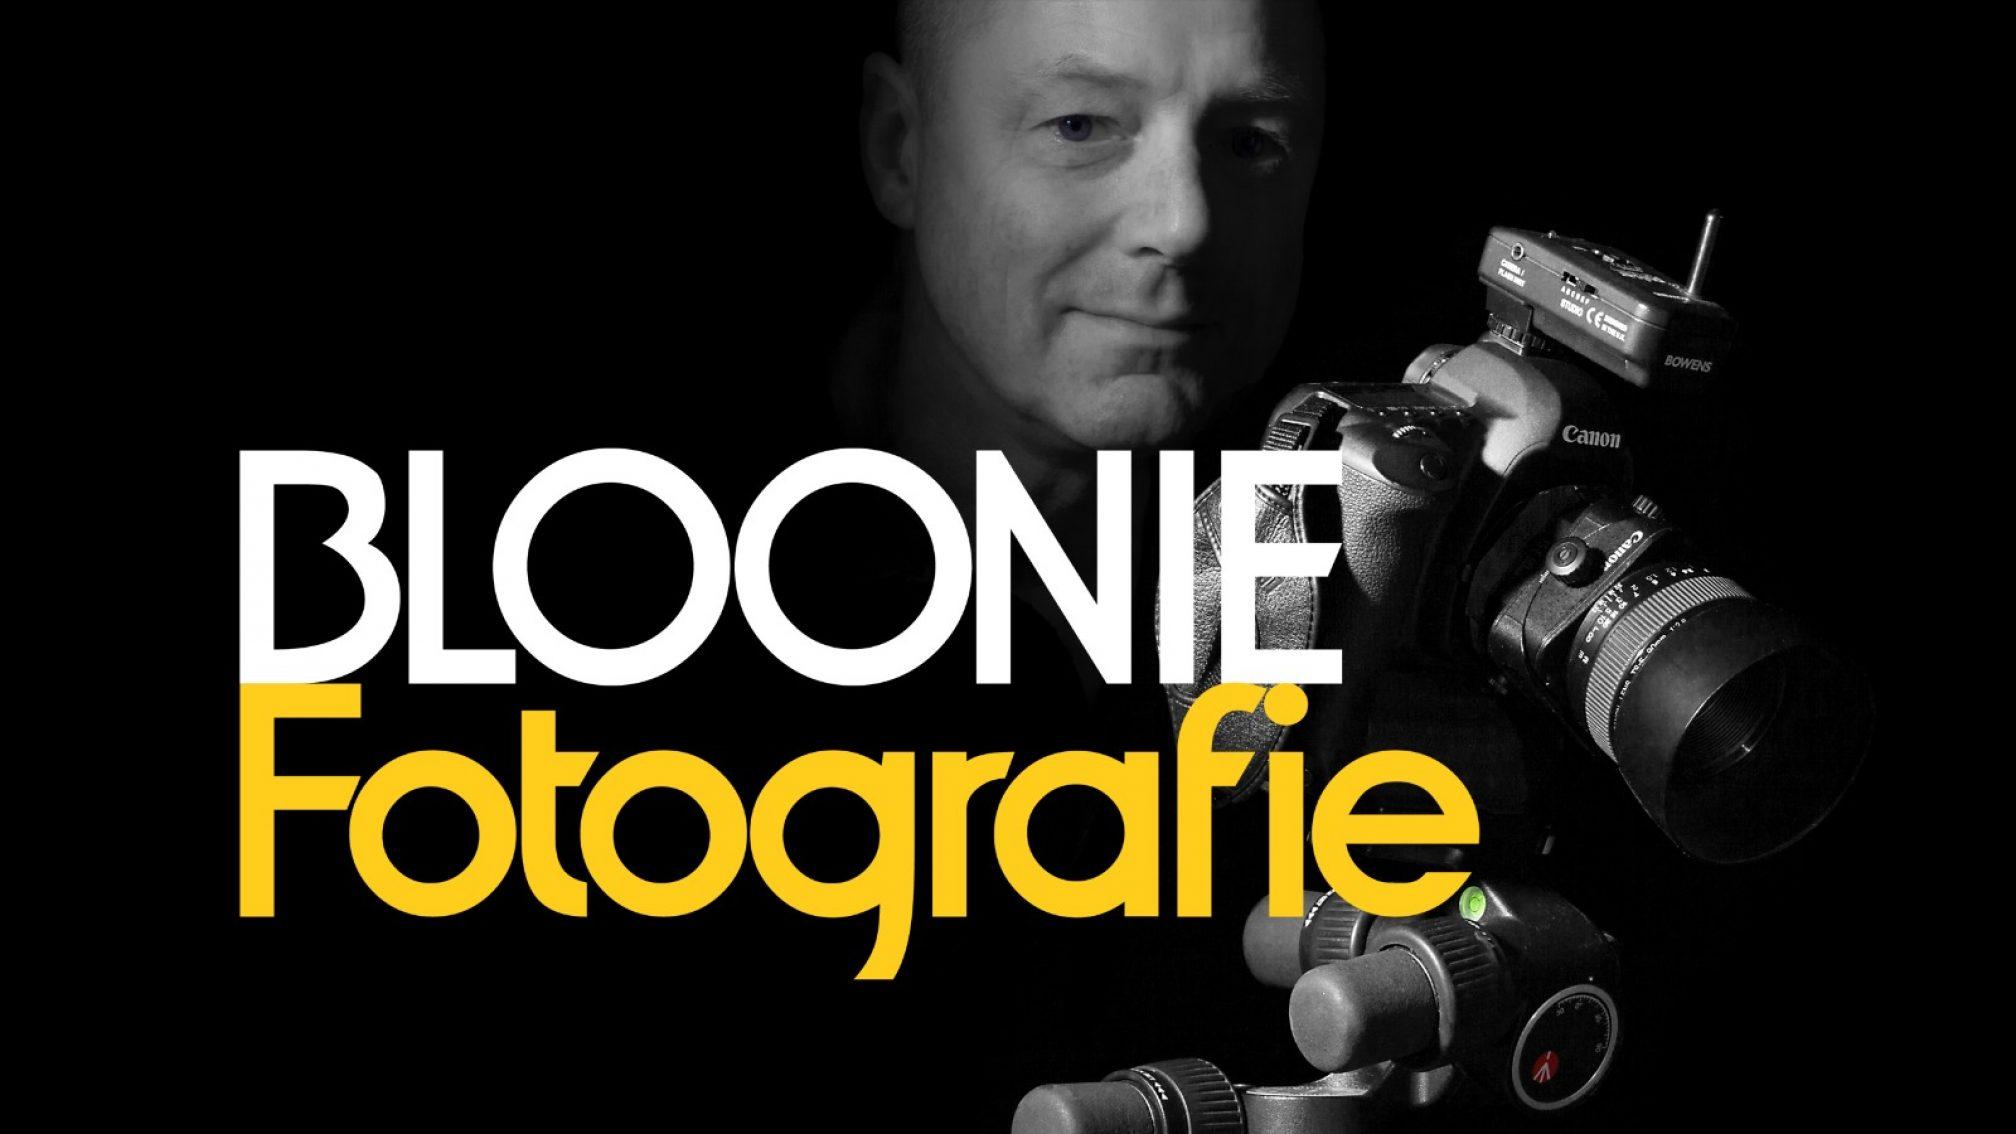 bloonie